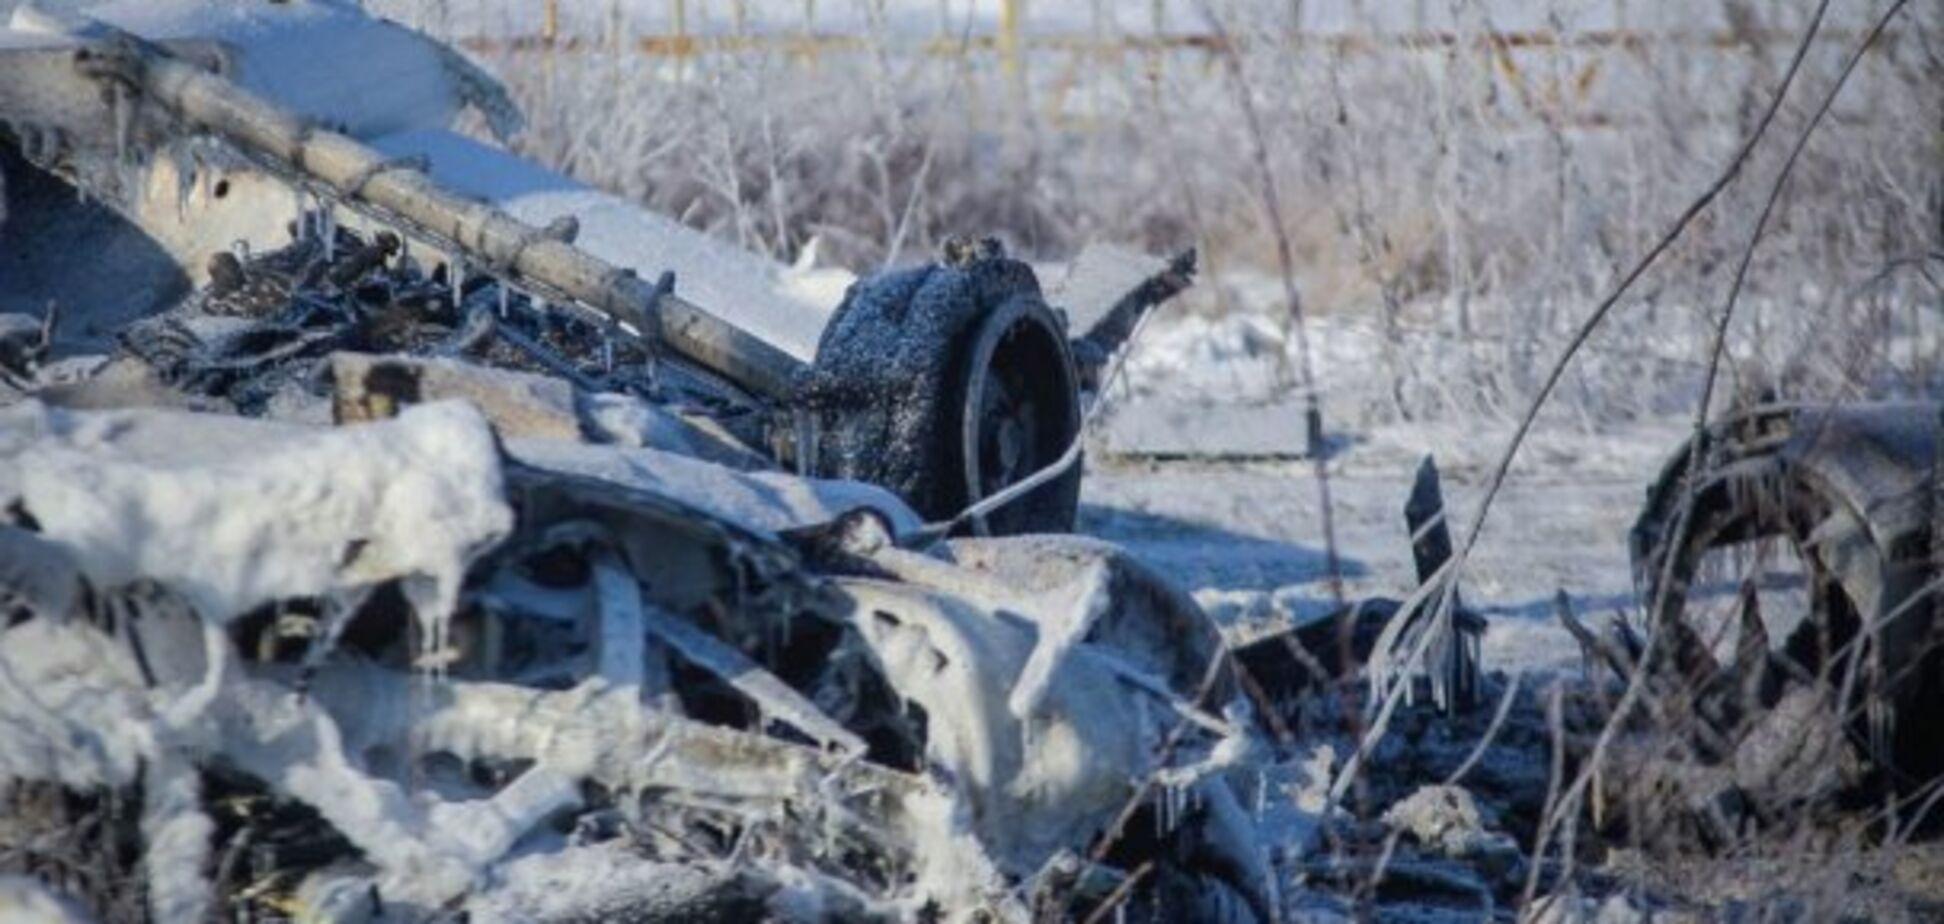 Крушение вертолета в Кременчуге: появилась новая версия